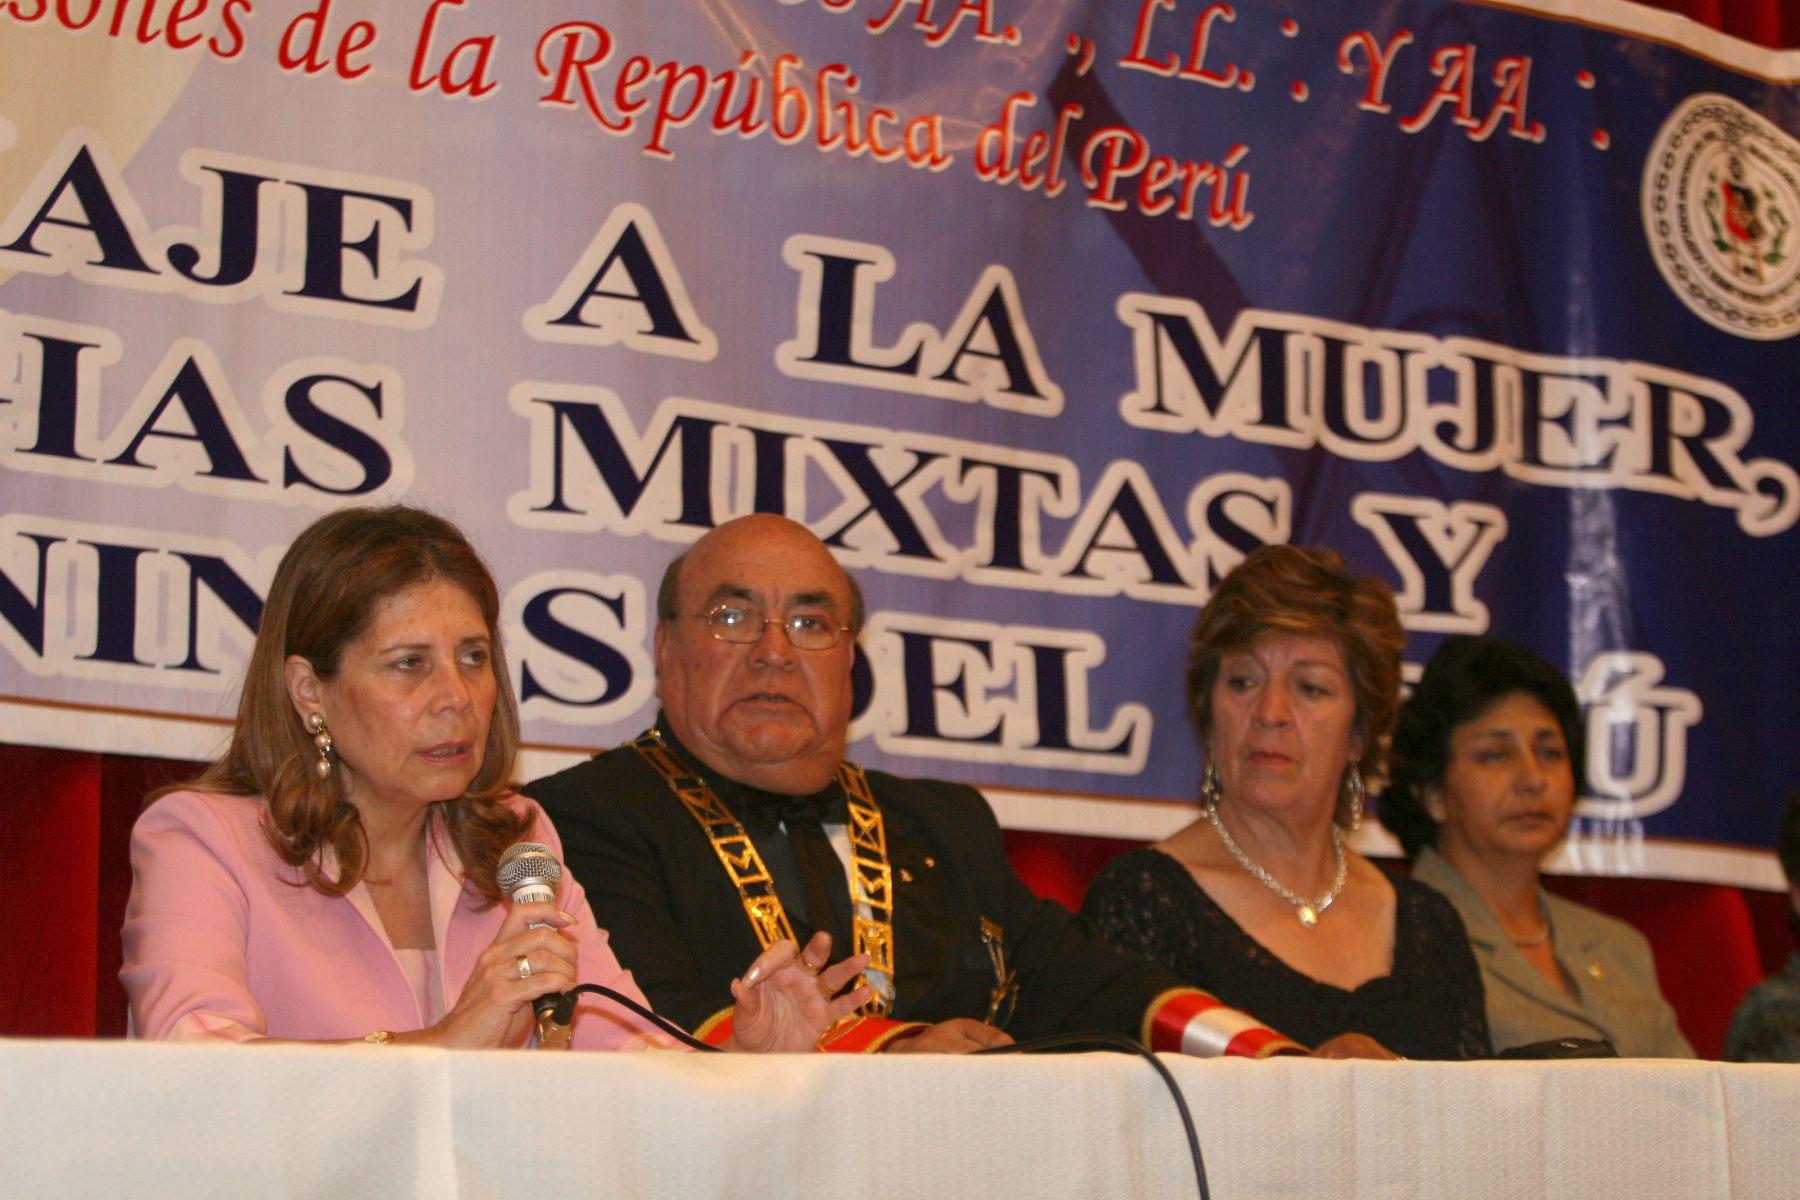 Presidenta del Directorio de Editora Perú María del Pilar Tello expone sobre la mujer y su responsabilidad en la Sociedad Peruana foto: ANDINA / Vidal Tarqui